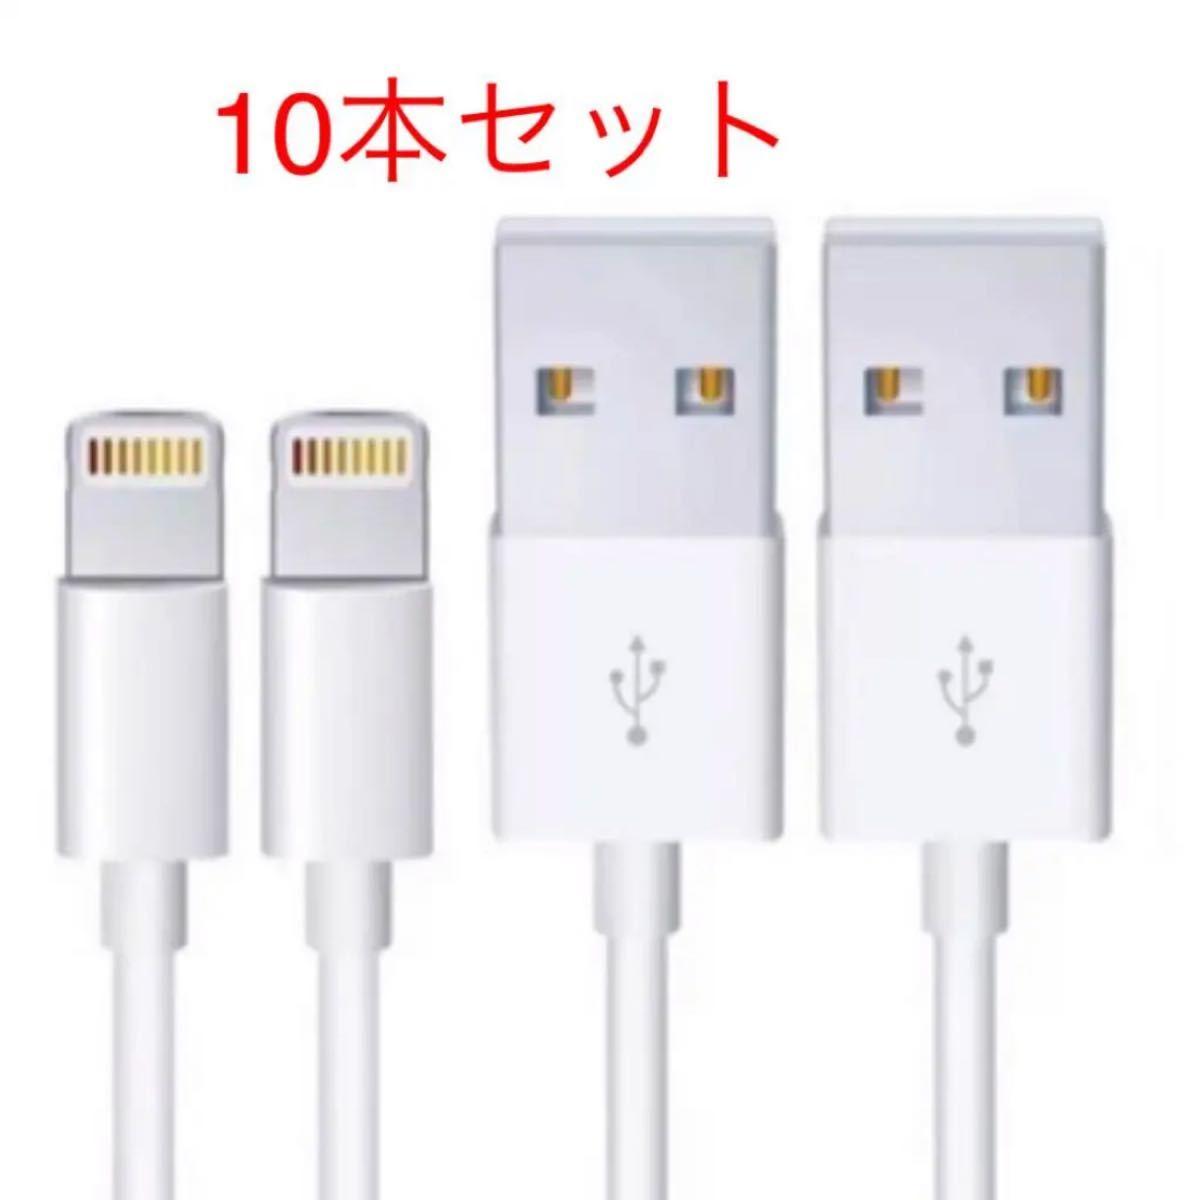 ライトニング 充電ケーブル 急速充電 Lightning USBケーブル データ伝送 ケーブル